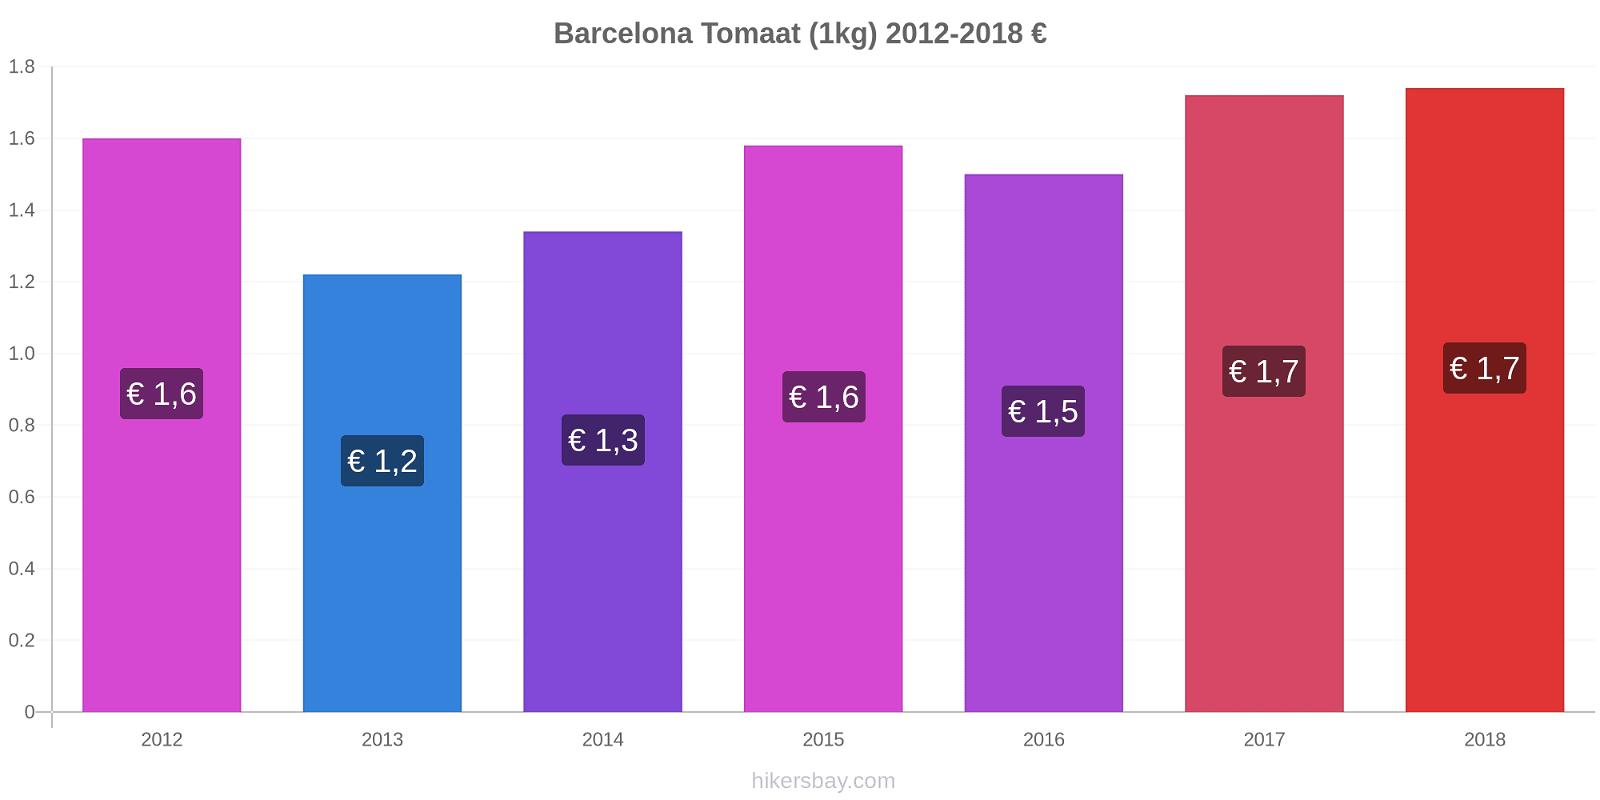 Barcelona prijswijzigingen Tomaat (1kg) hikersbay.com